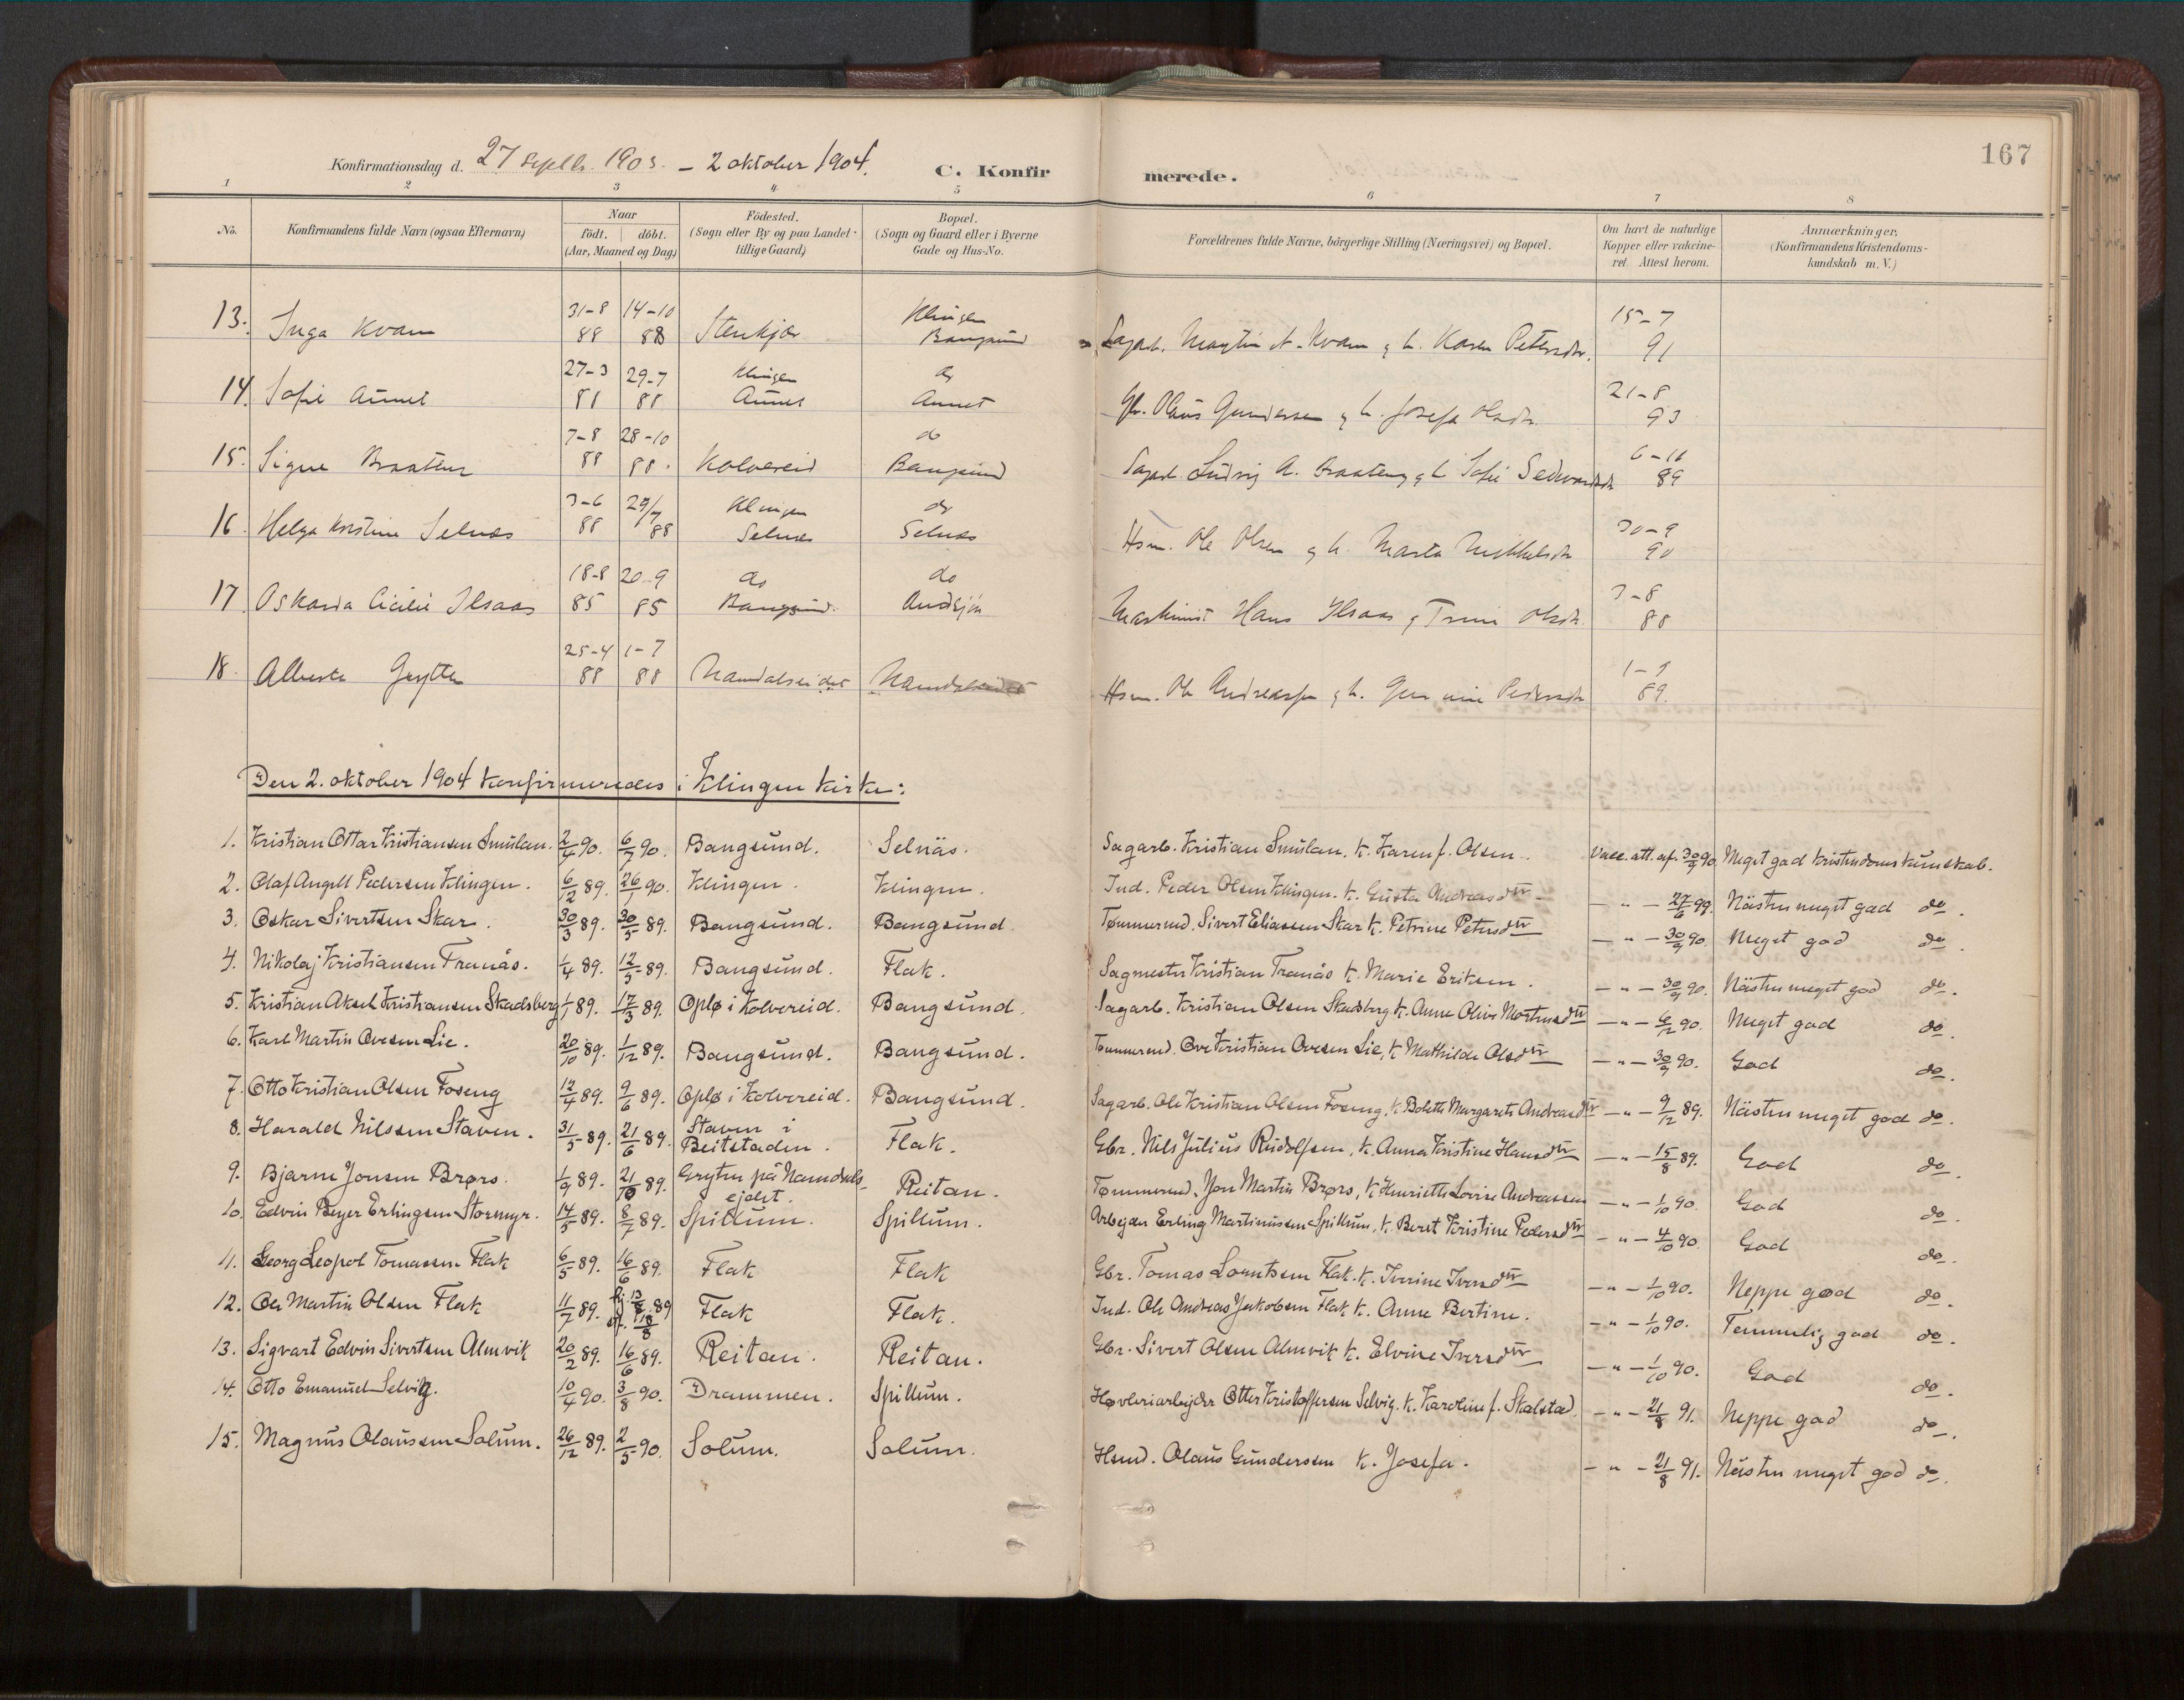 SAT, Ministerialprotokoller, klokkerbøker og fødselsregistre - Nord-Trøndelag, 770/L0589: Ministerialbok nr. 770A03, 1887-1929, s. 167